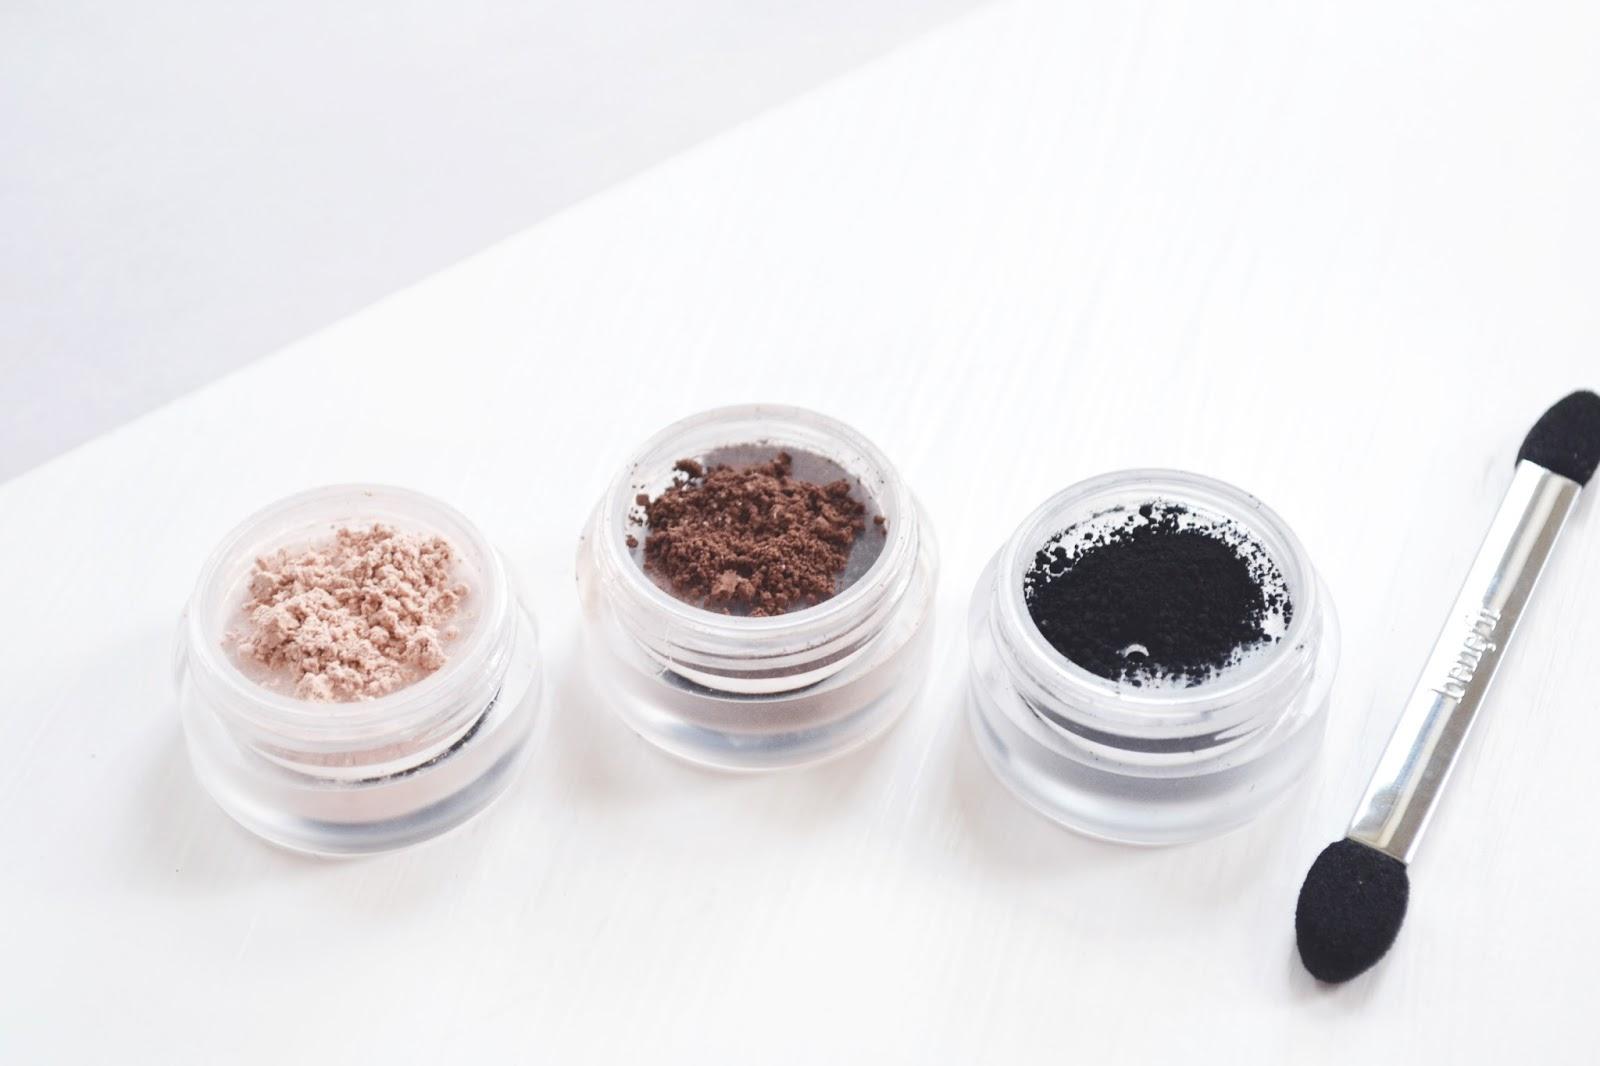 mineral eyeshadow, organic eyeshadow, organic make up